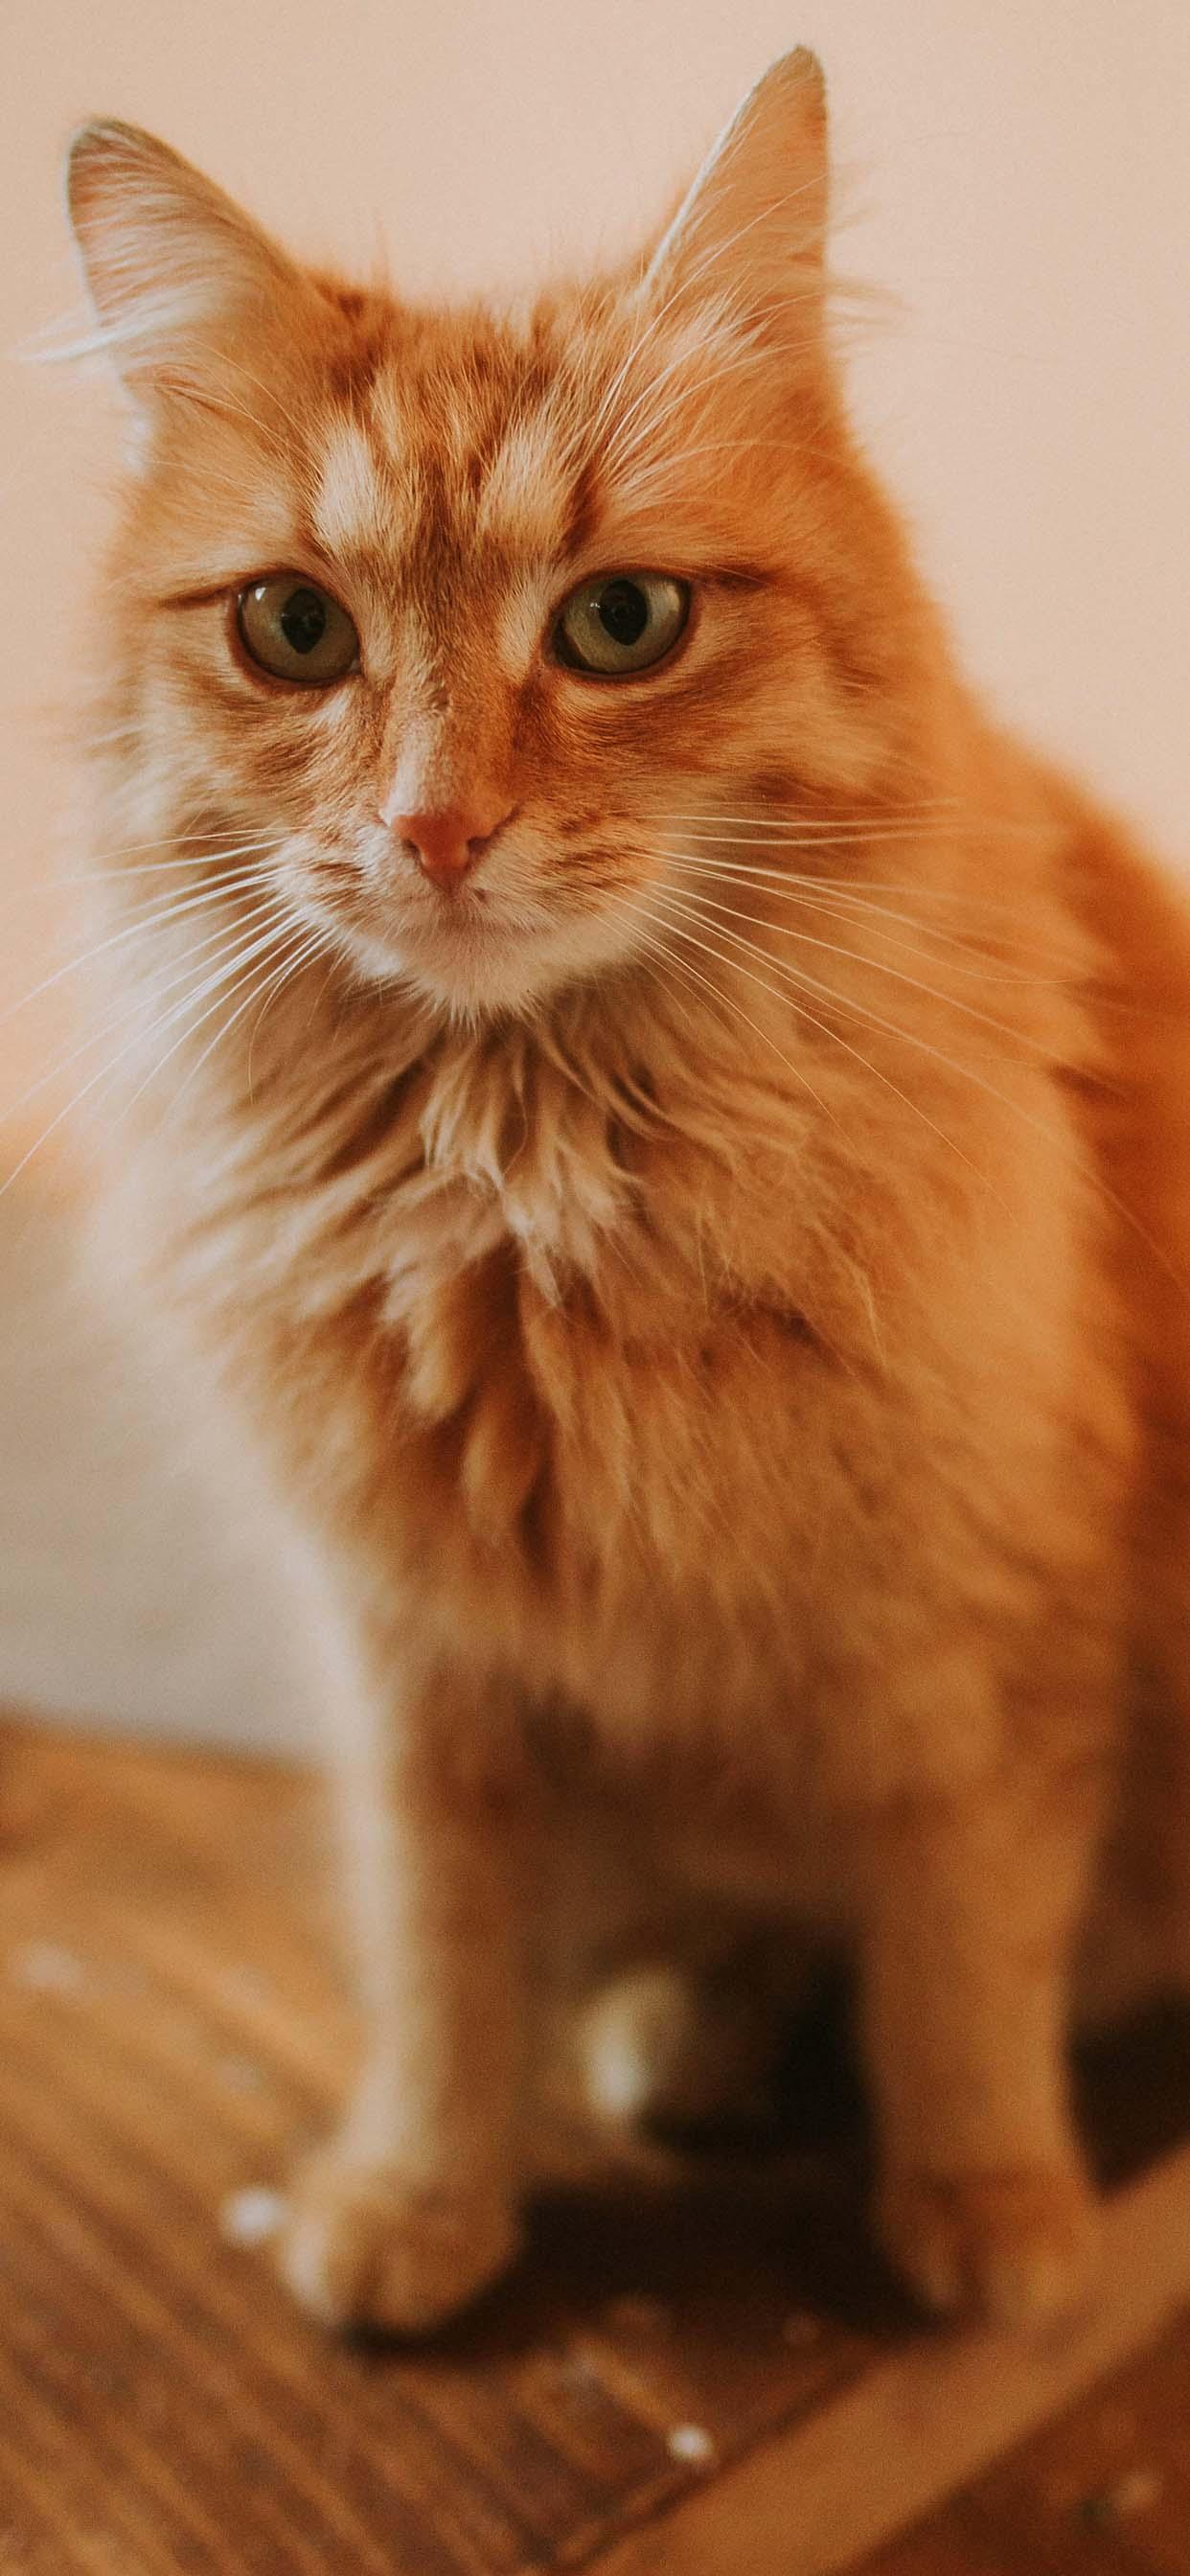 Beautiful Orange Cat - Cute Cat iPhone Wallpaper